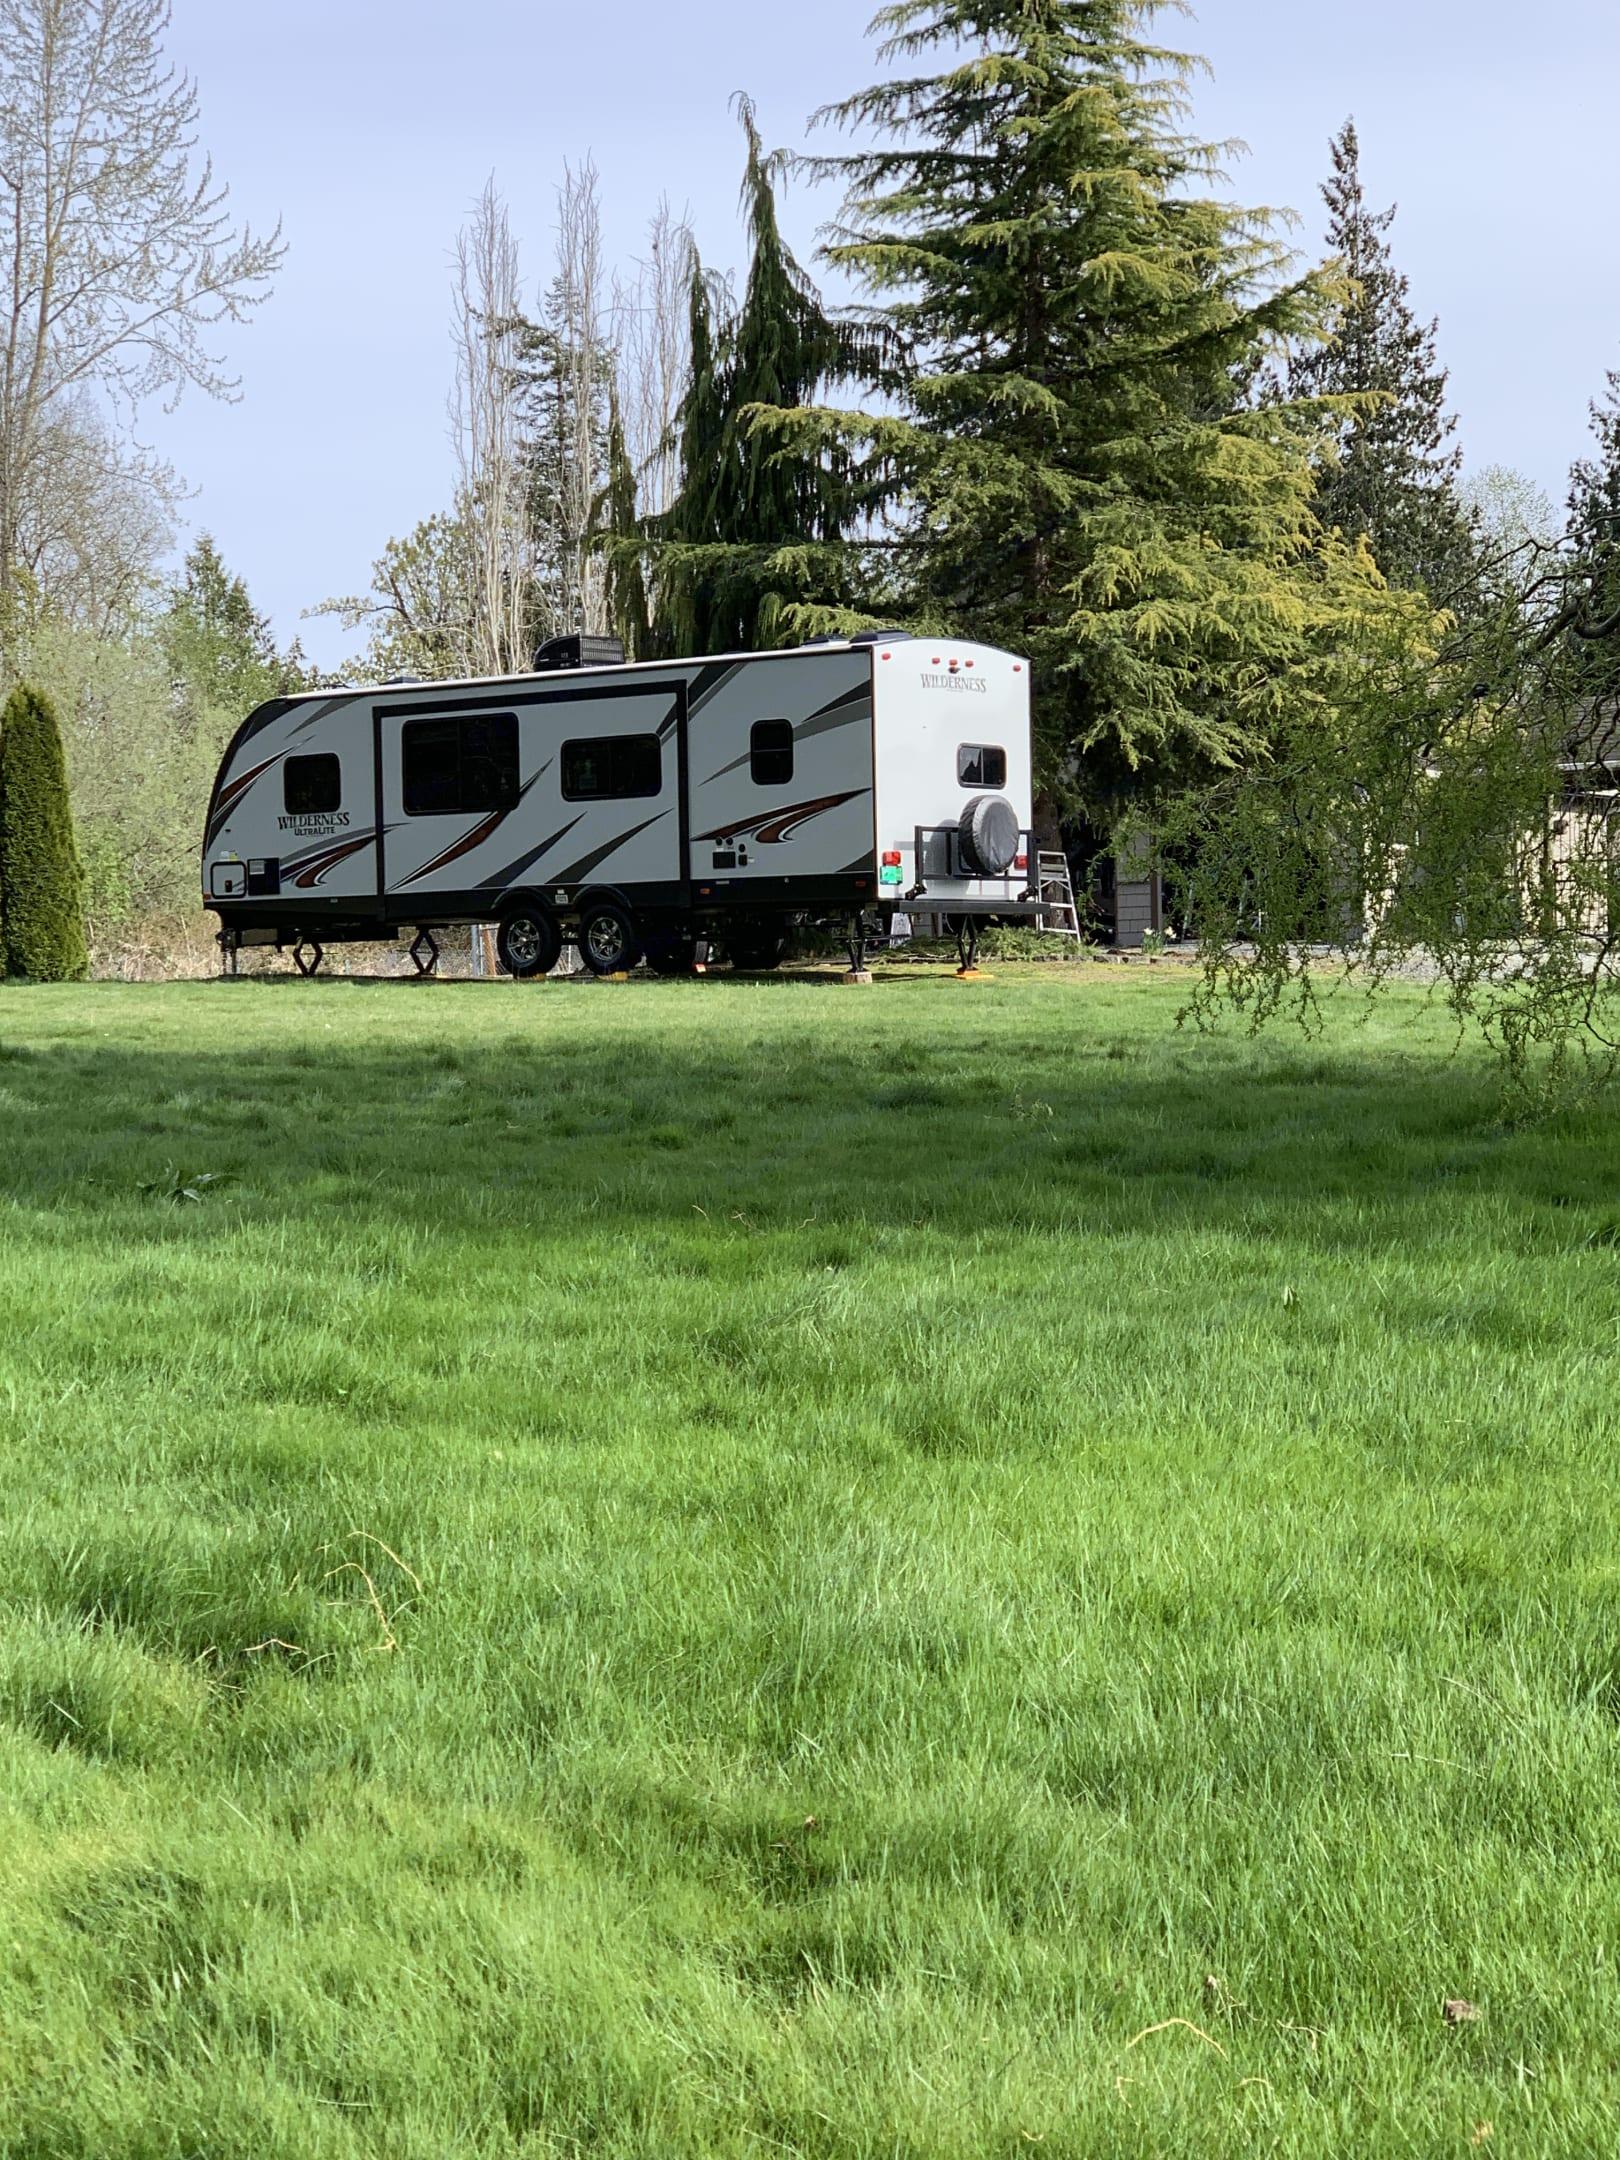 Heartland Wilderness 2019